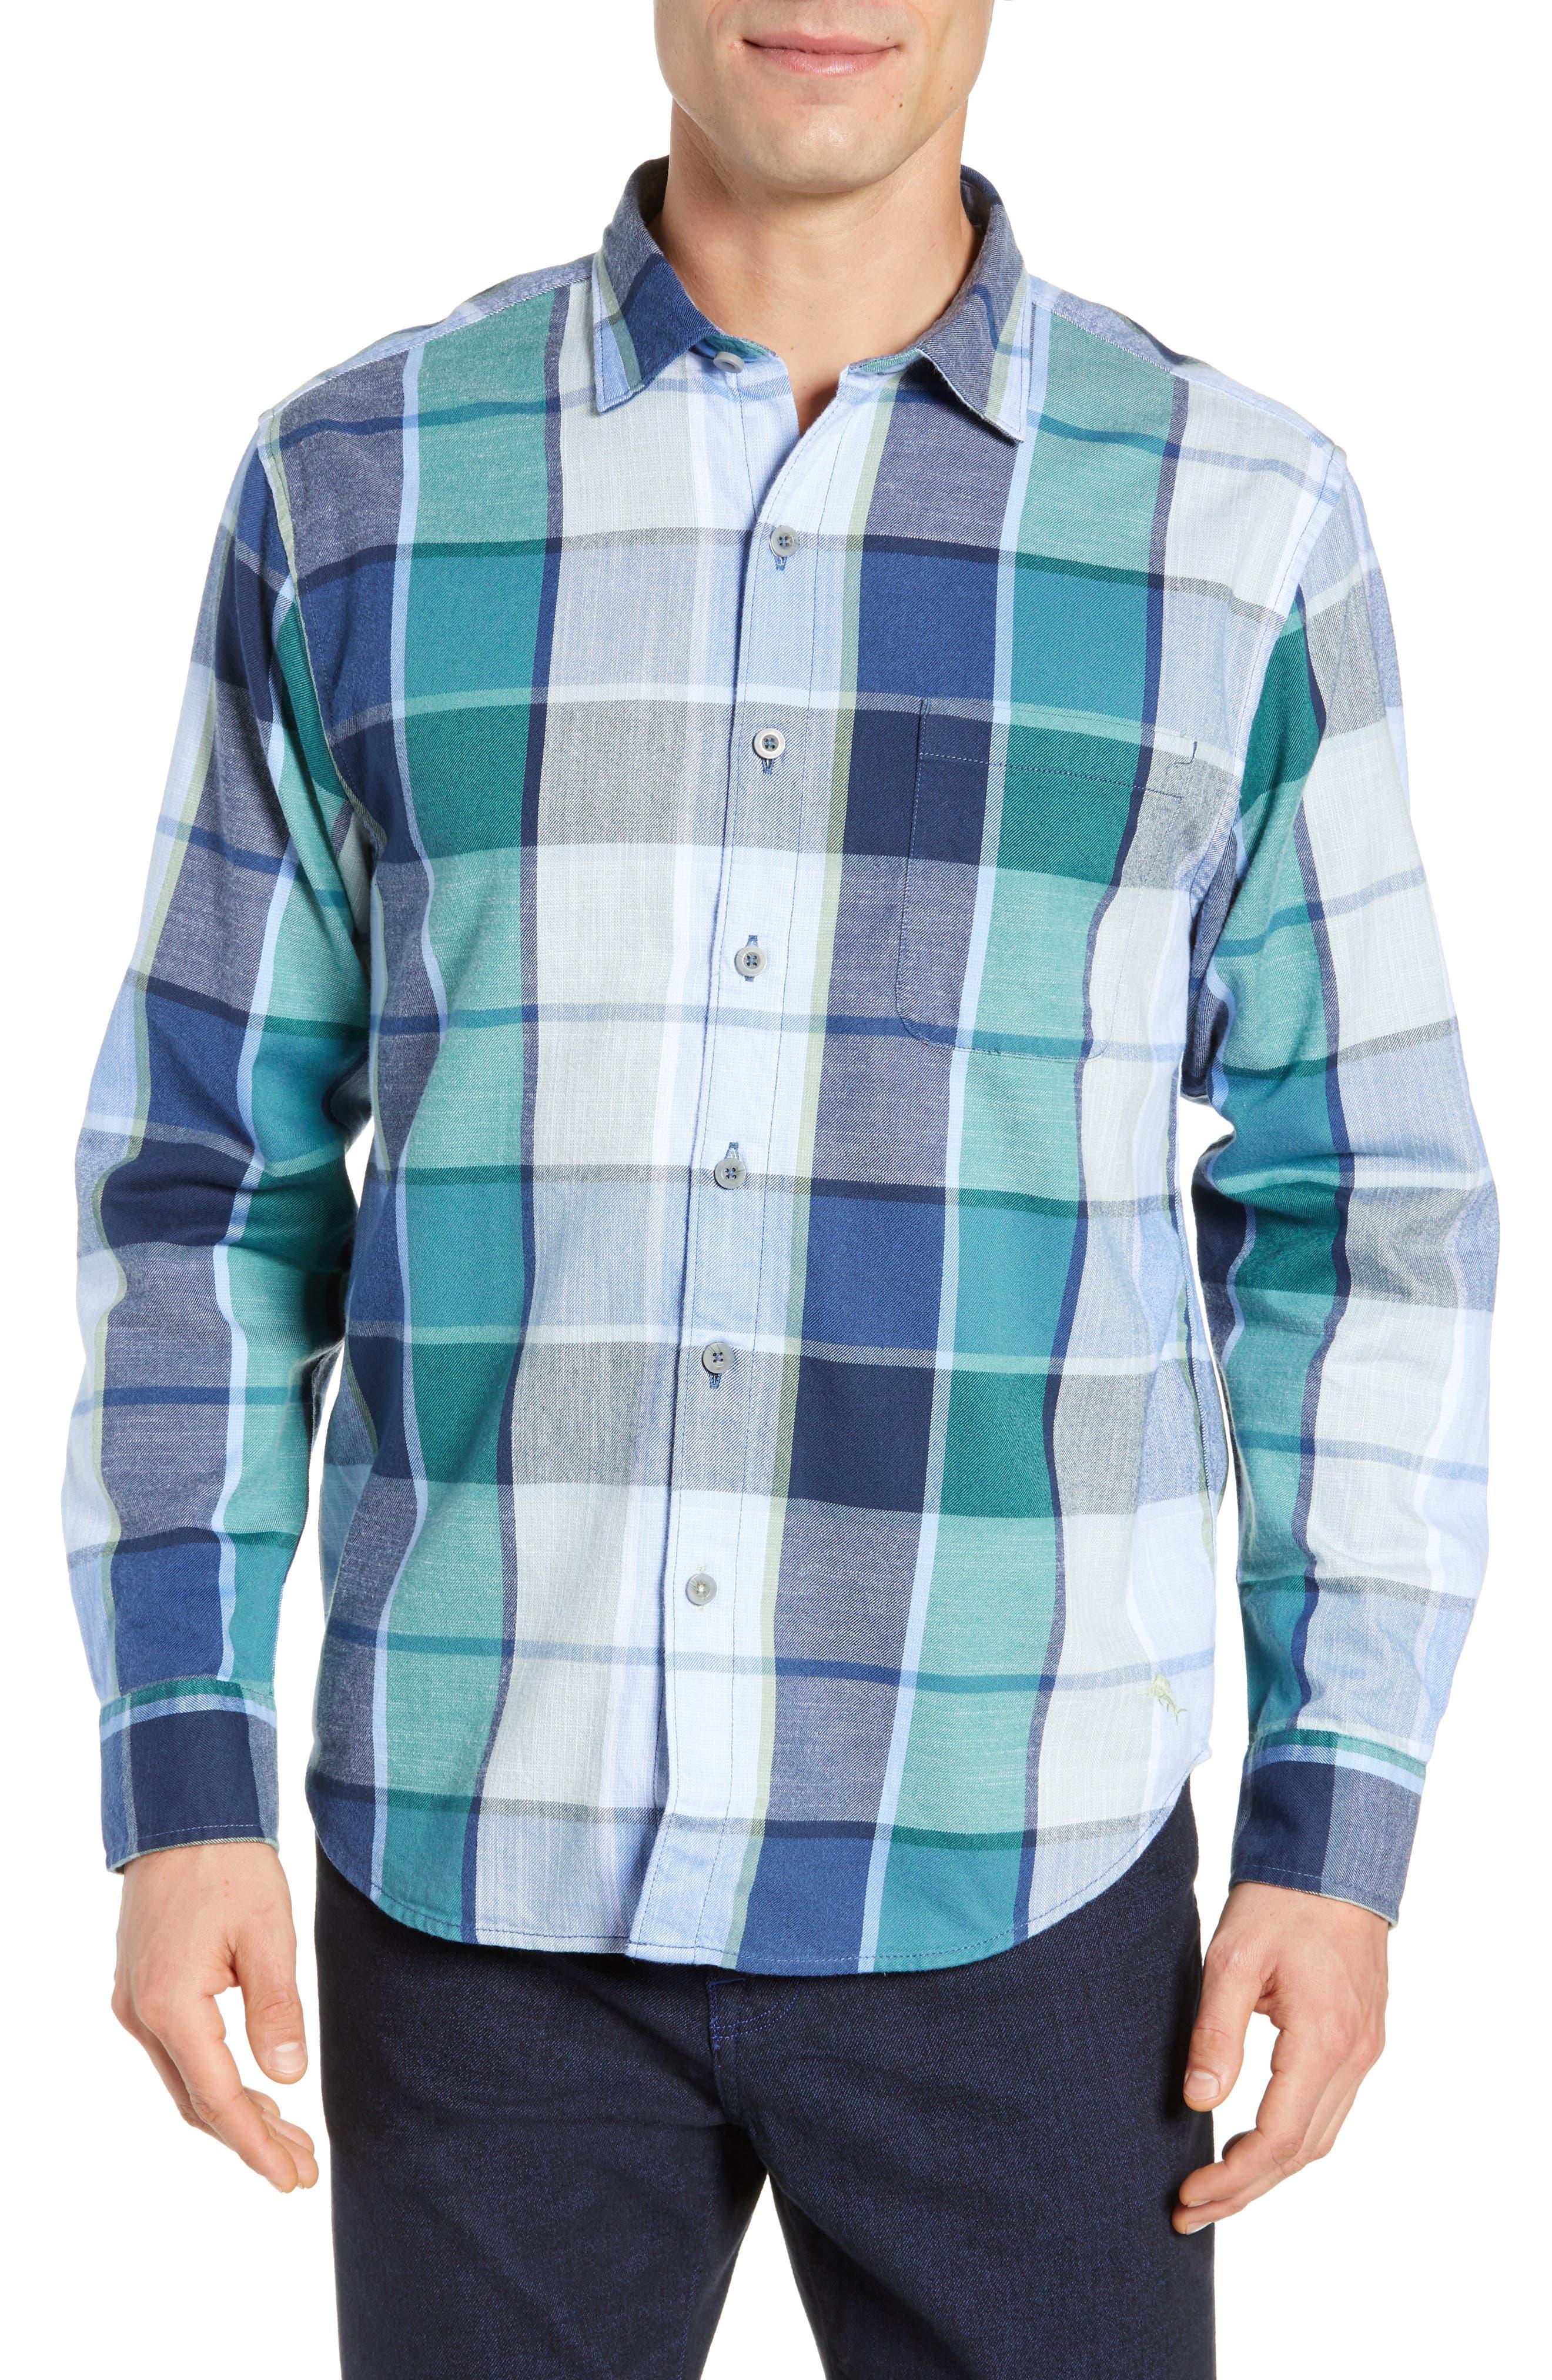 Heredia Plaid Sport Shirt,                         Main,                         color, ZEPHYR BLUE